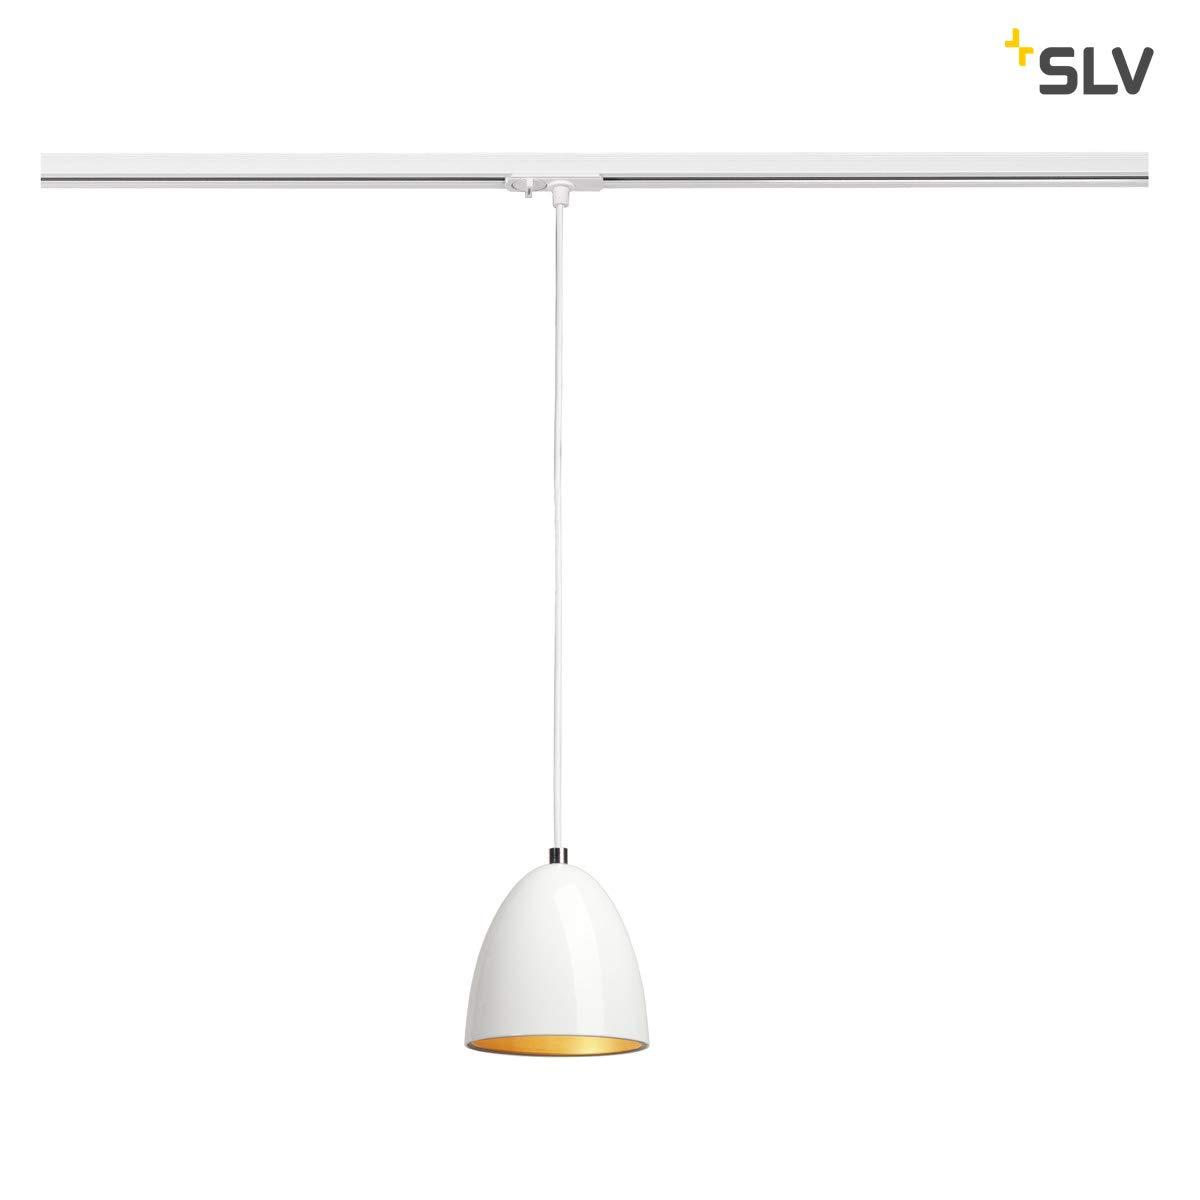 SLV PARA CONE 14 Leuchte Indoor-Lampe Stahl Weiß Lampe innen, Innen-Lampe